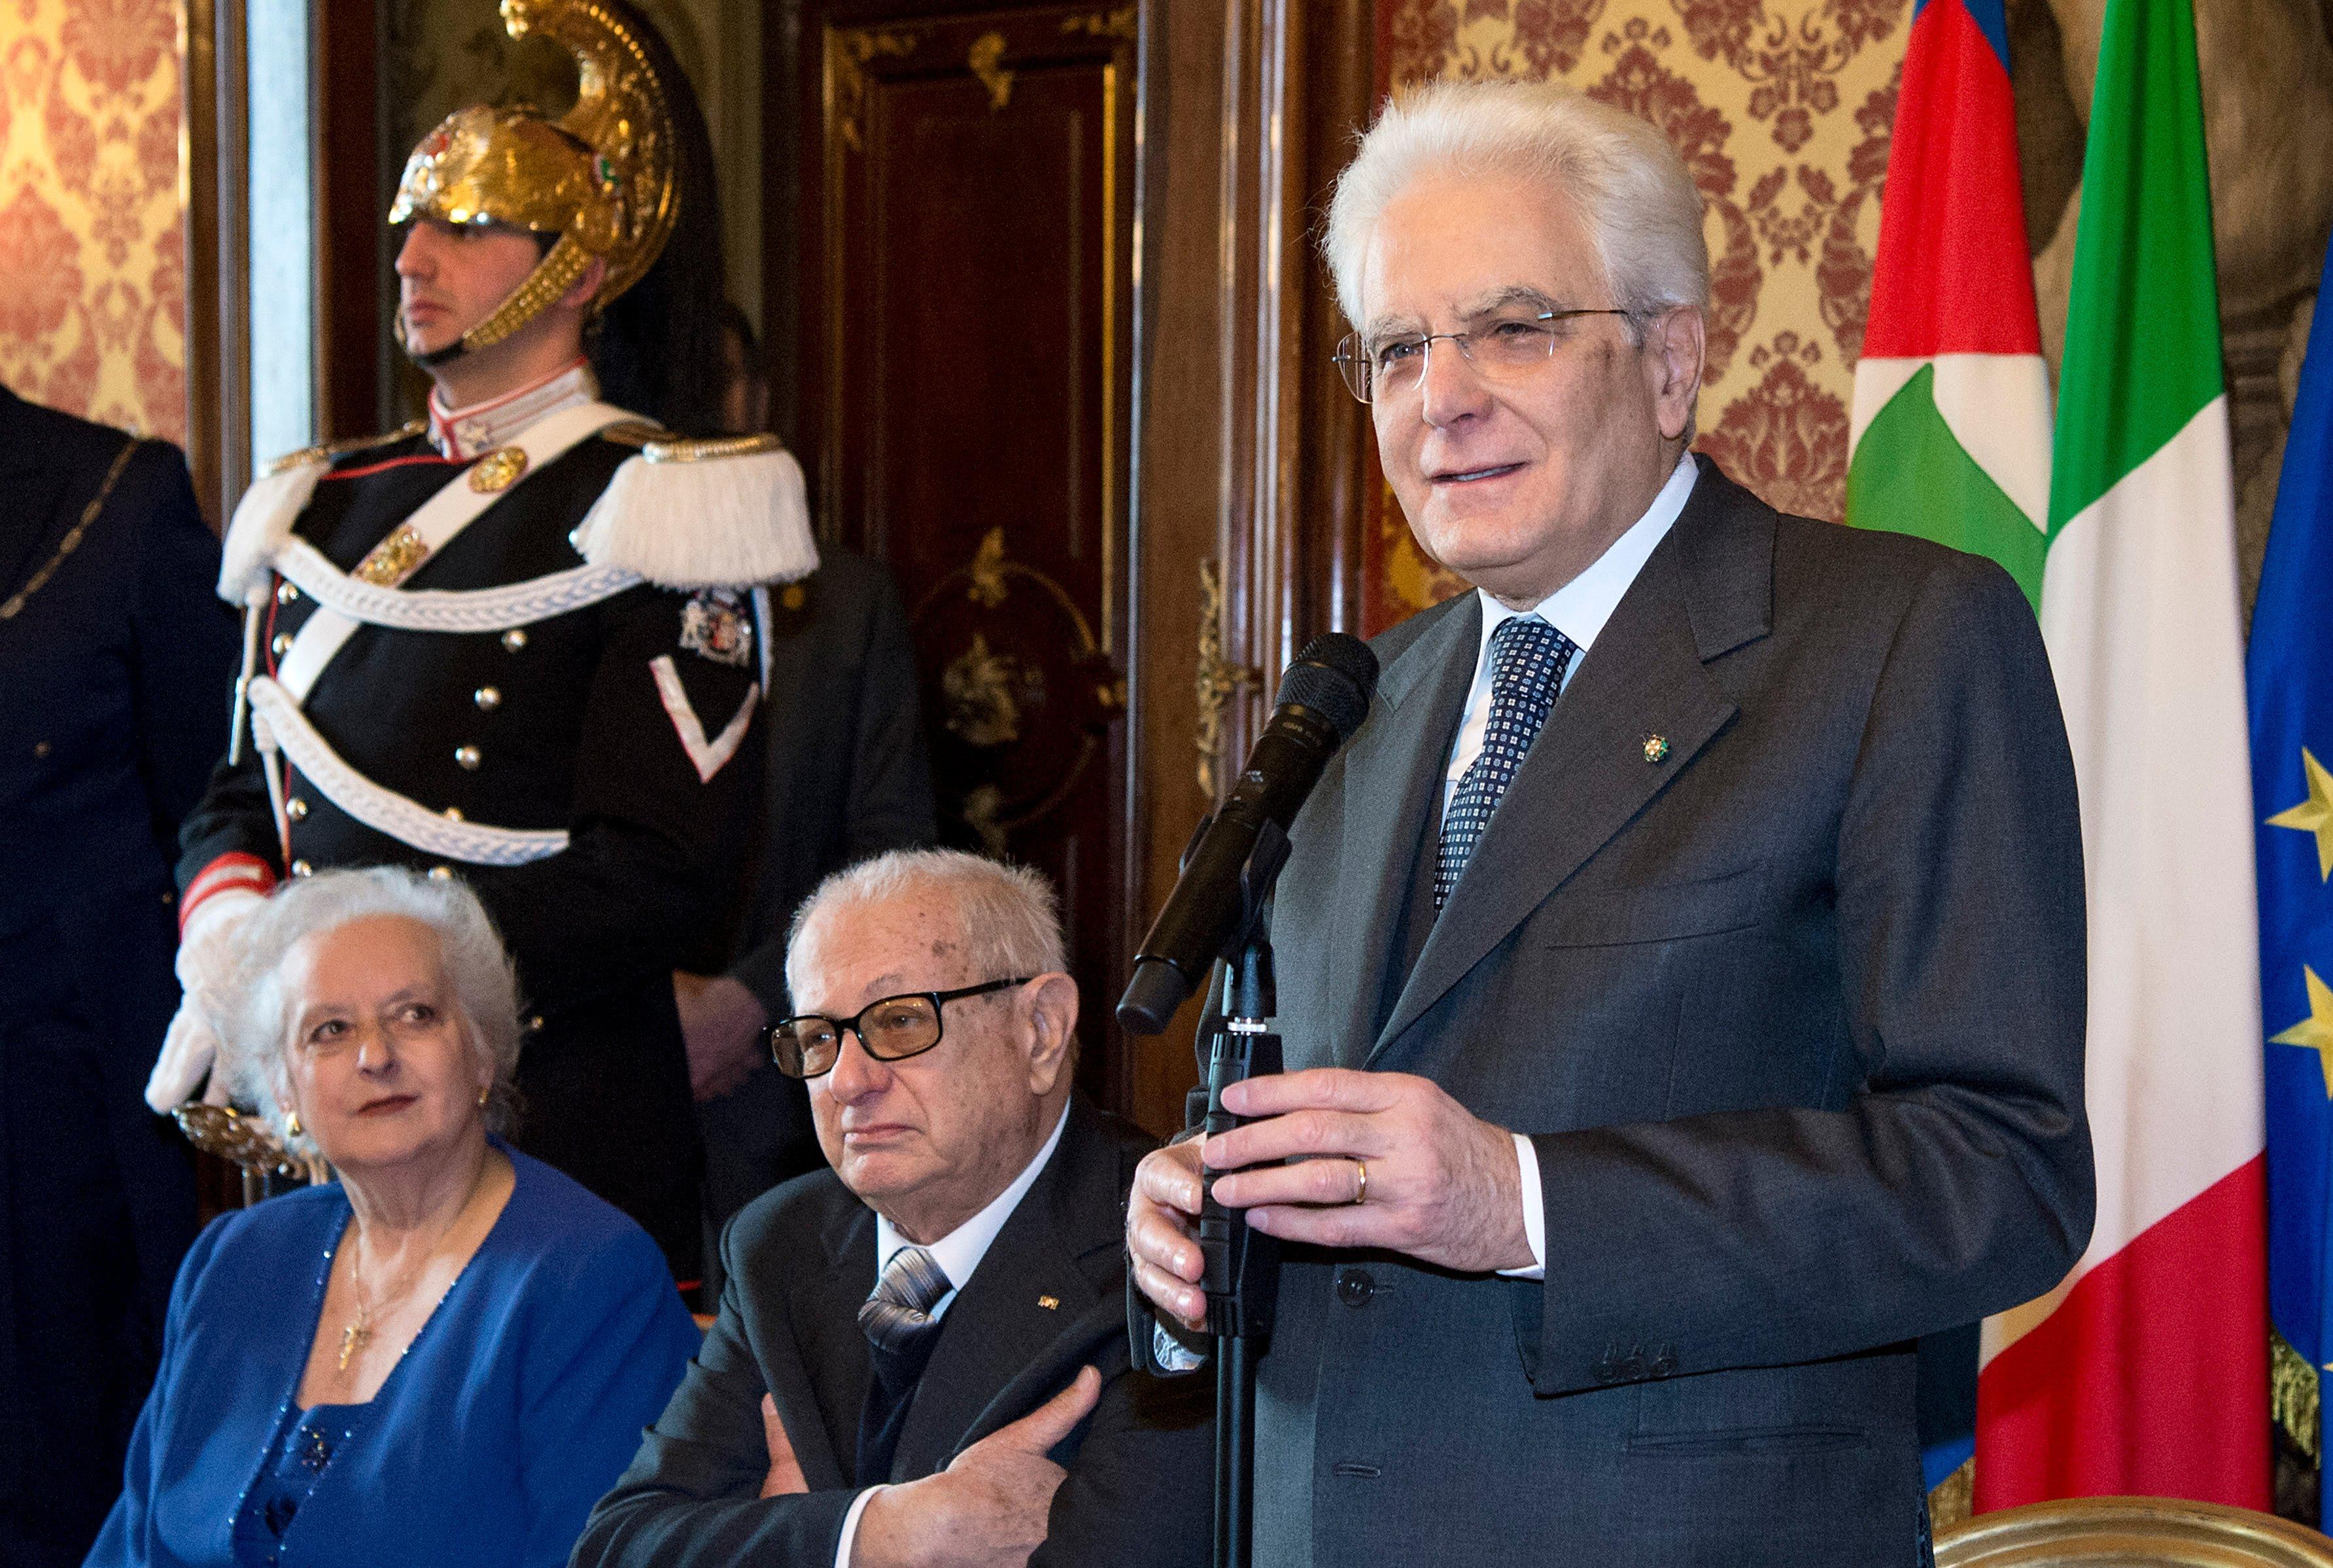 """Photo of Elezioni, Mattarella:""""Serve senso di responsabilità, al centro interesse generale"""""""